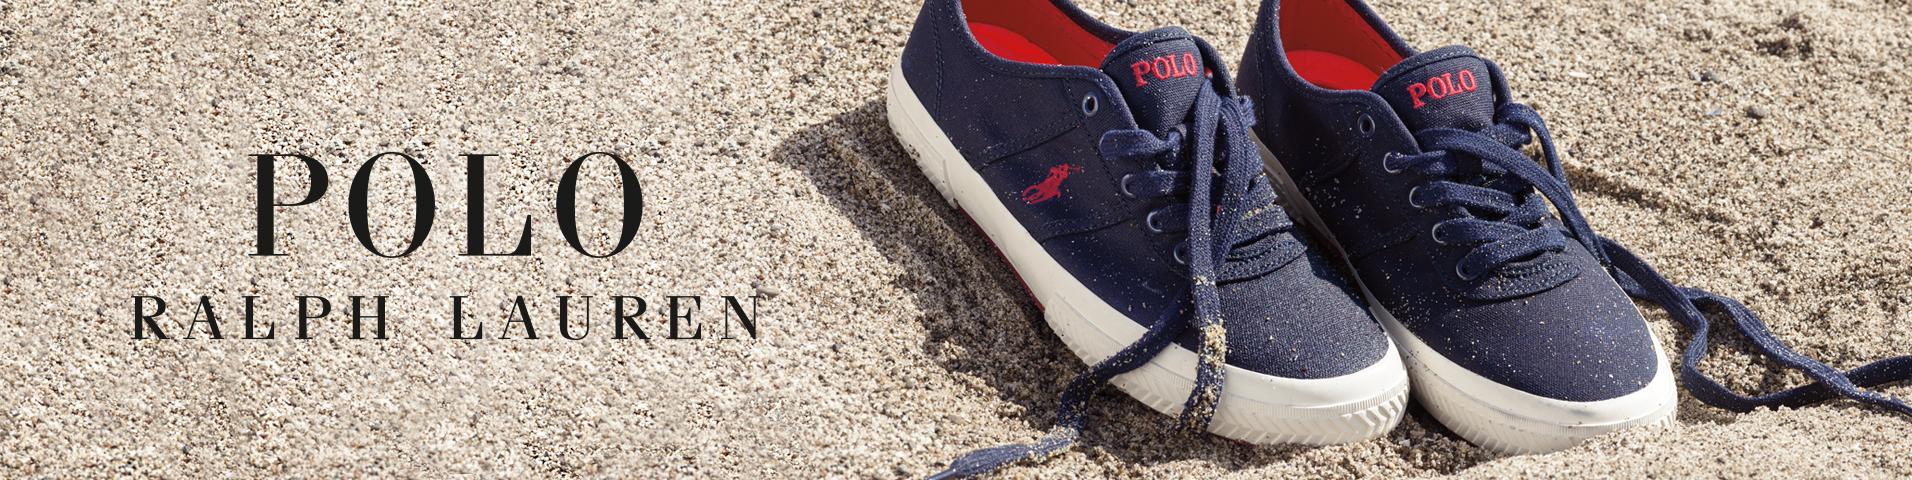 Schuhe von Polo Ralph Lauren